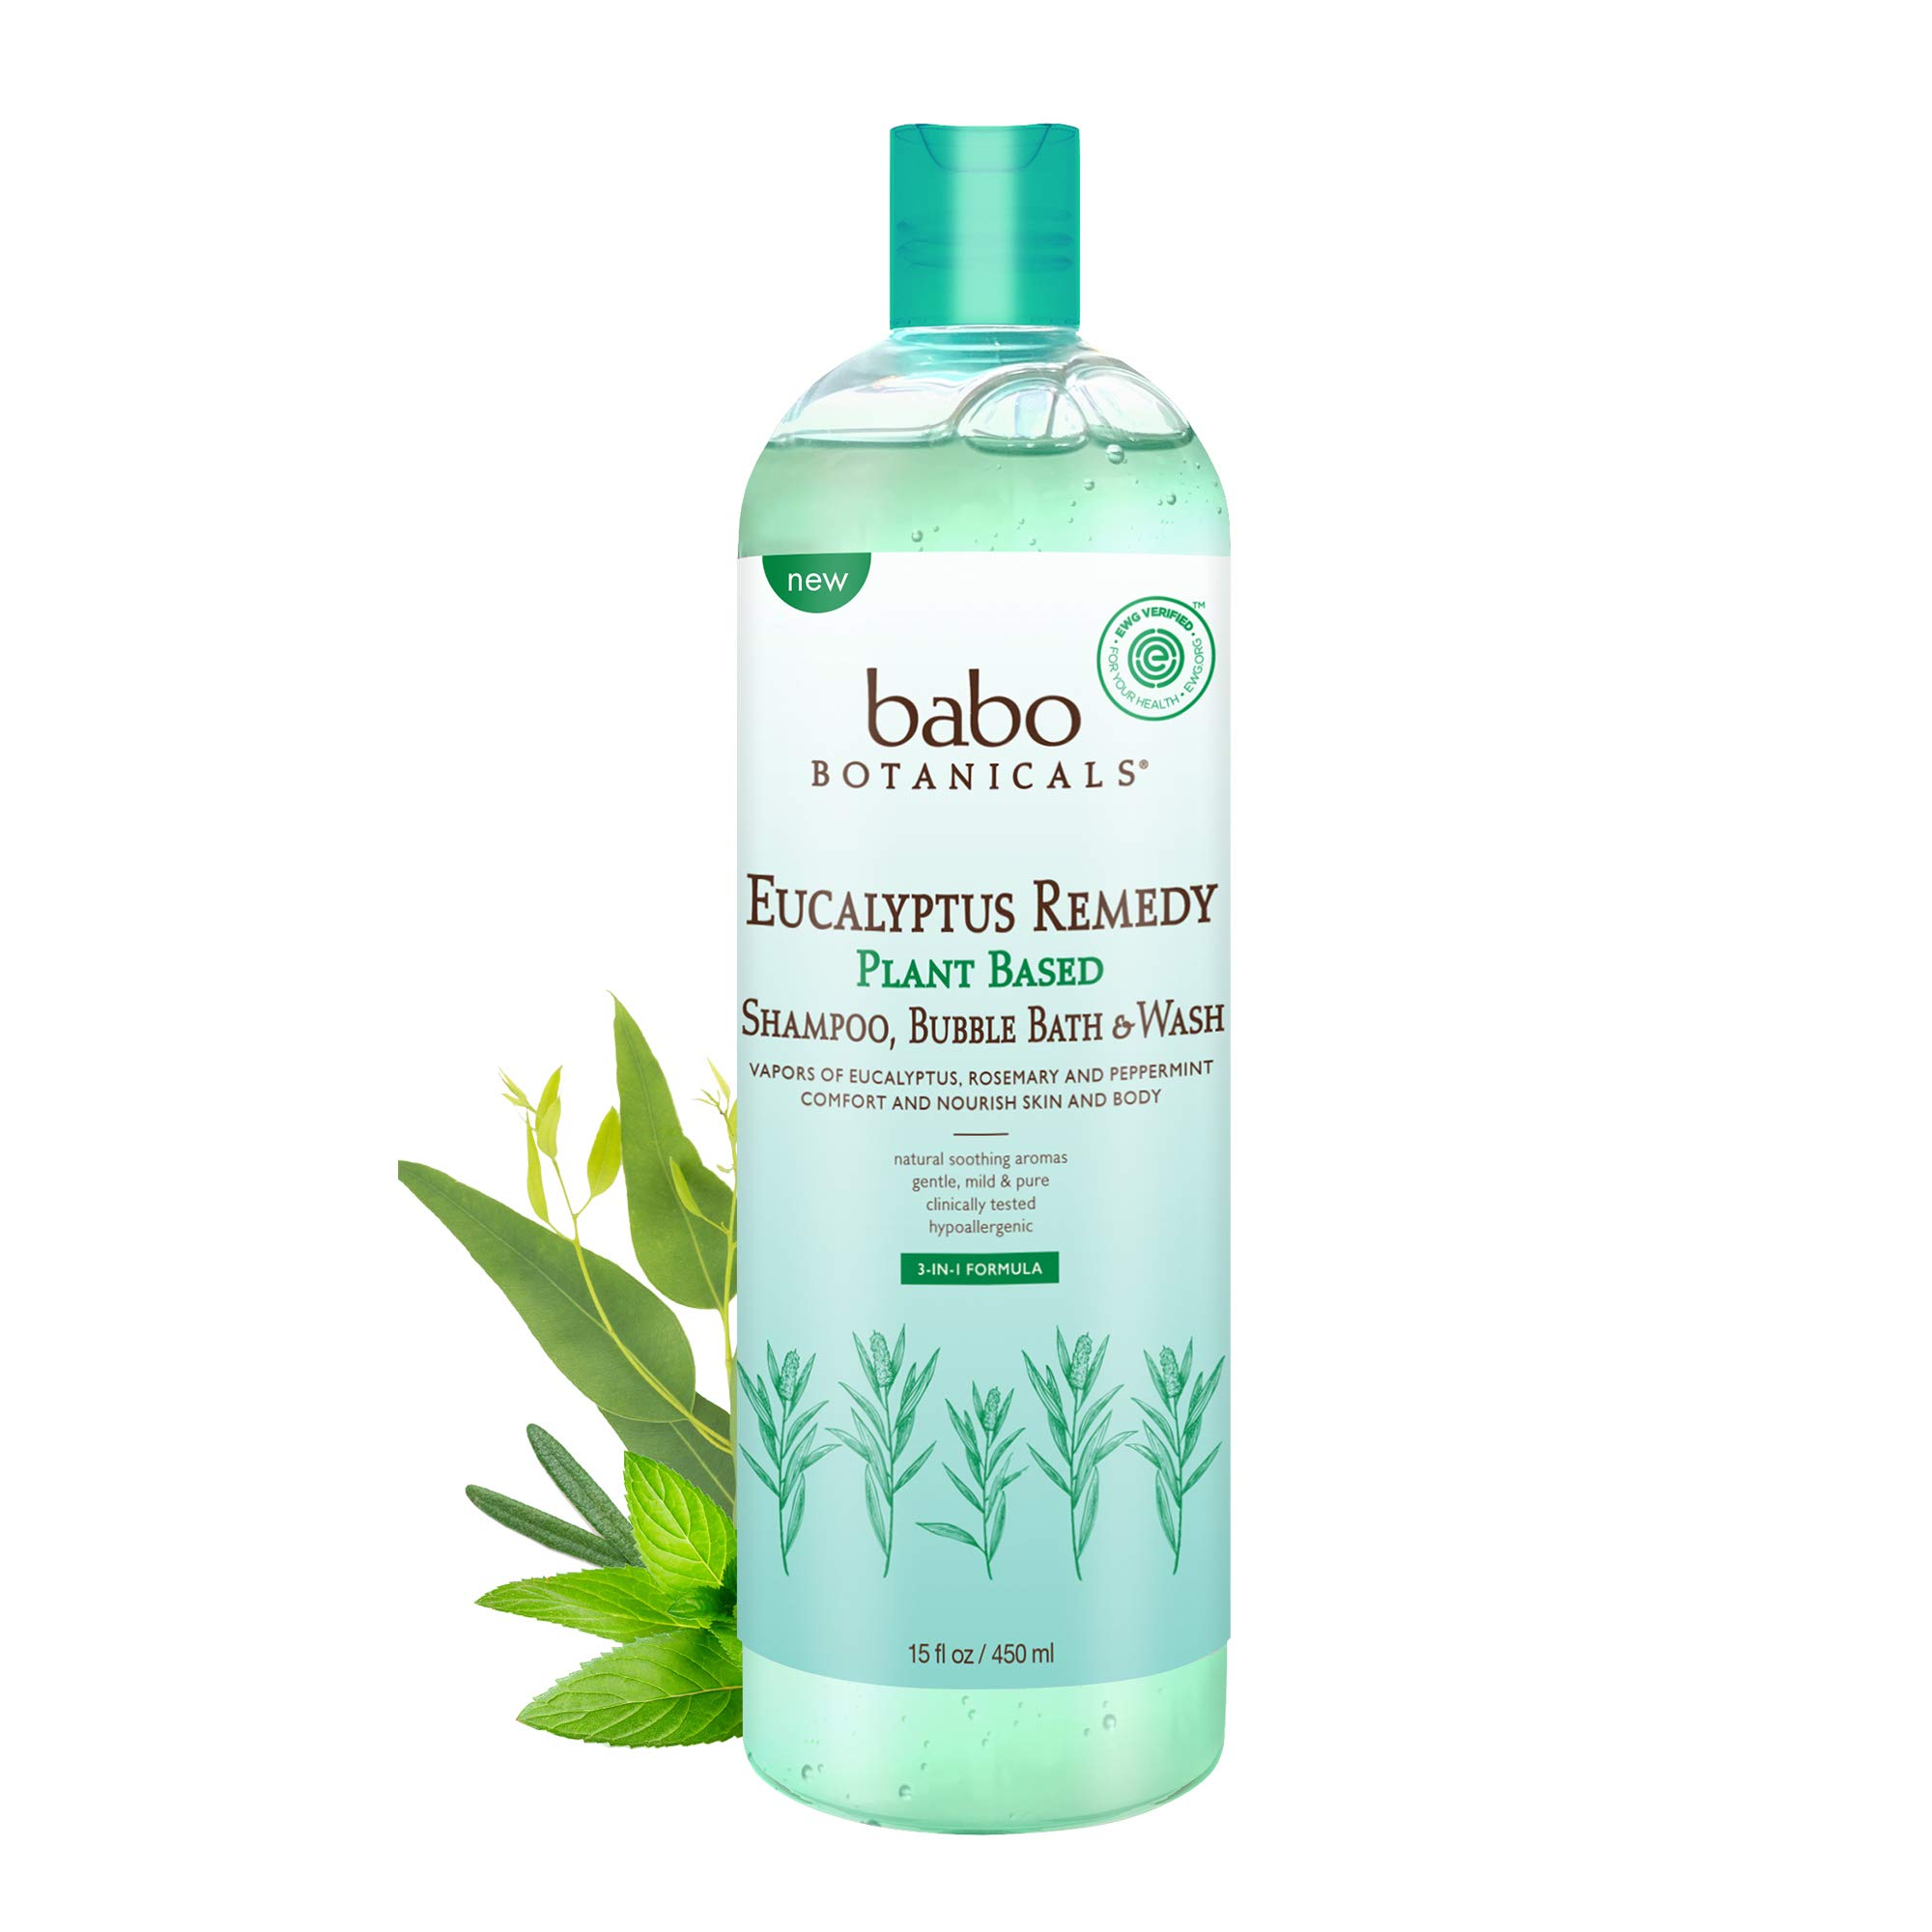 Babo Botanicals Eucalyptus Remedy Plant Based 3-in-1 Shampoo, Bubble Bath & Wash, Organic - 15 oz.